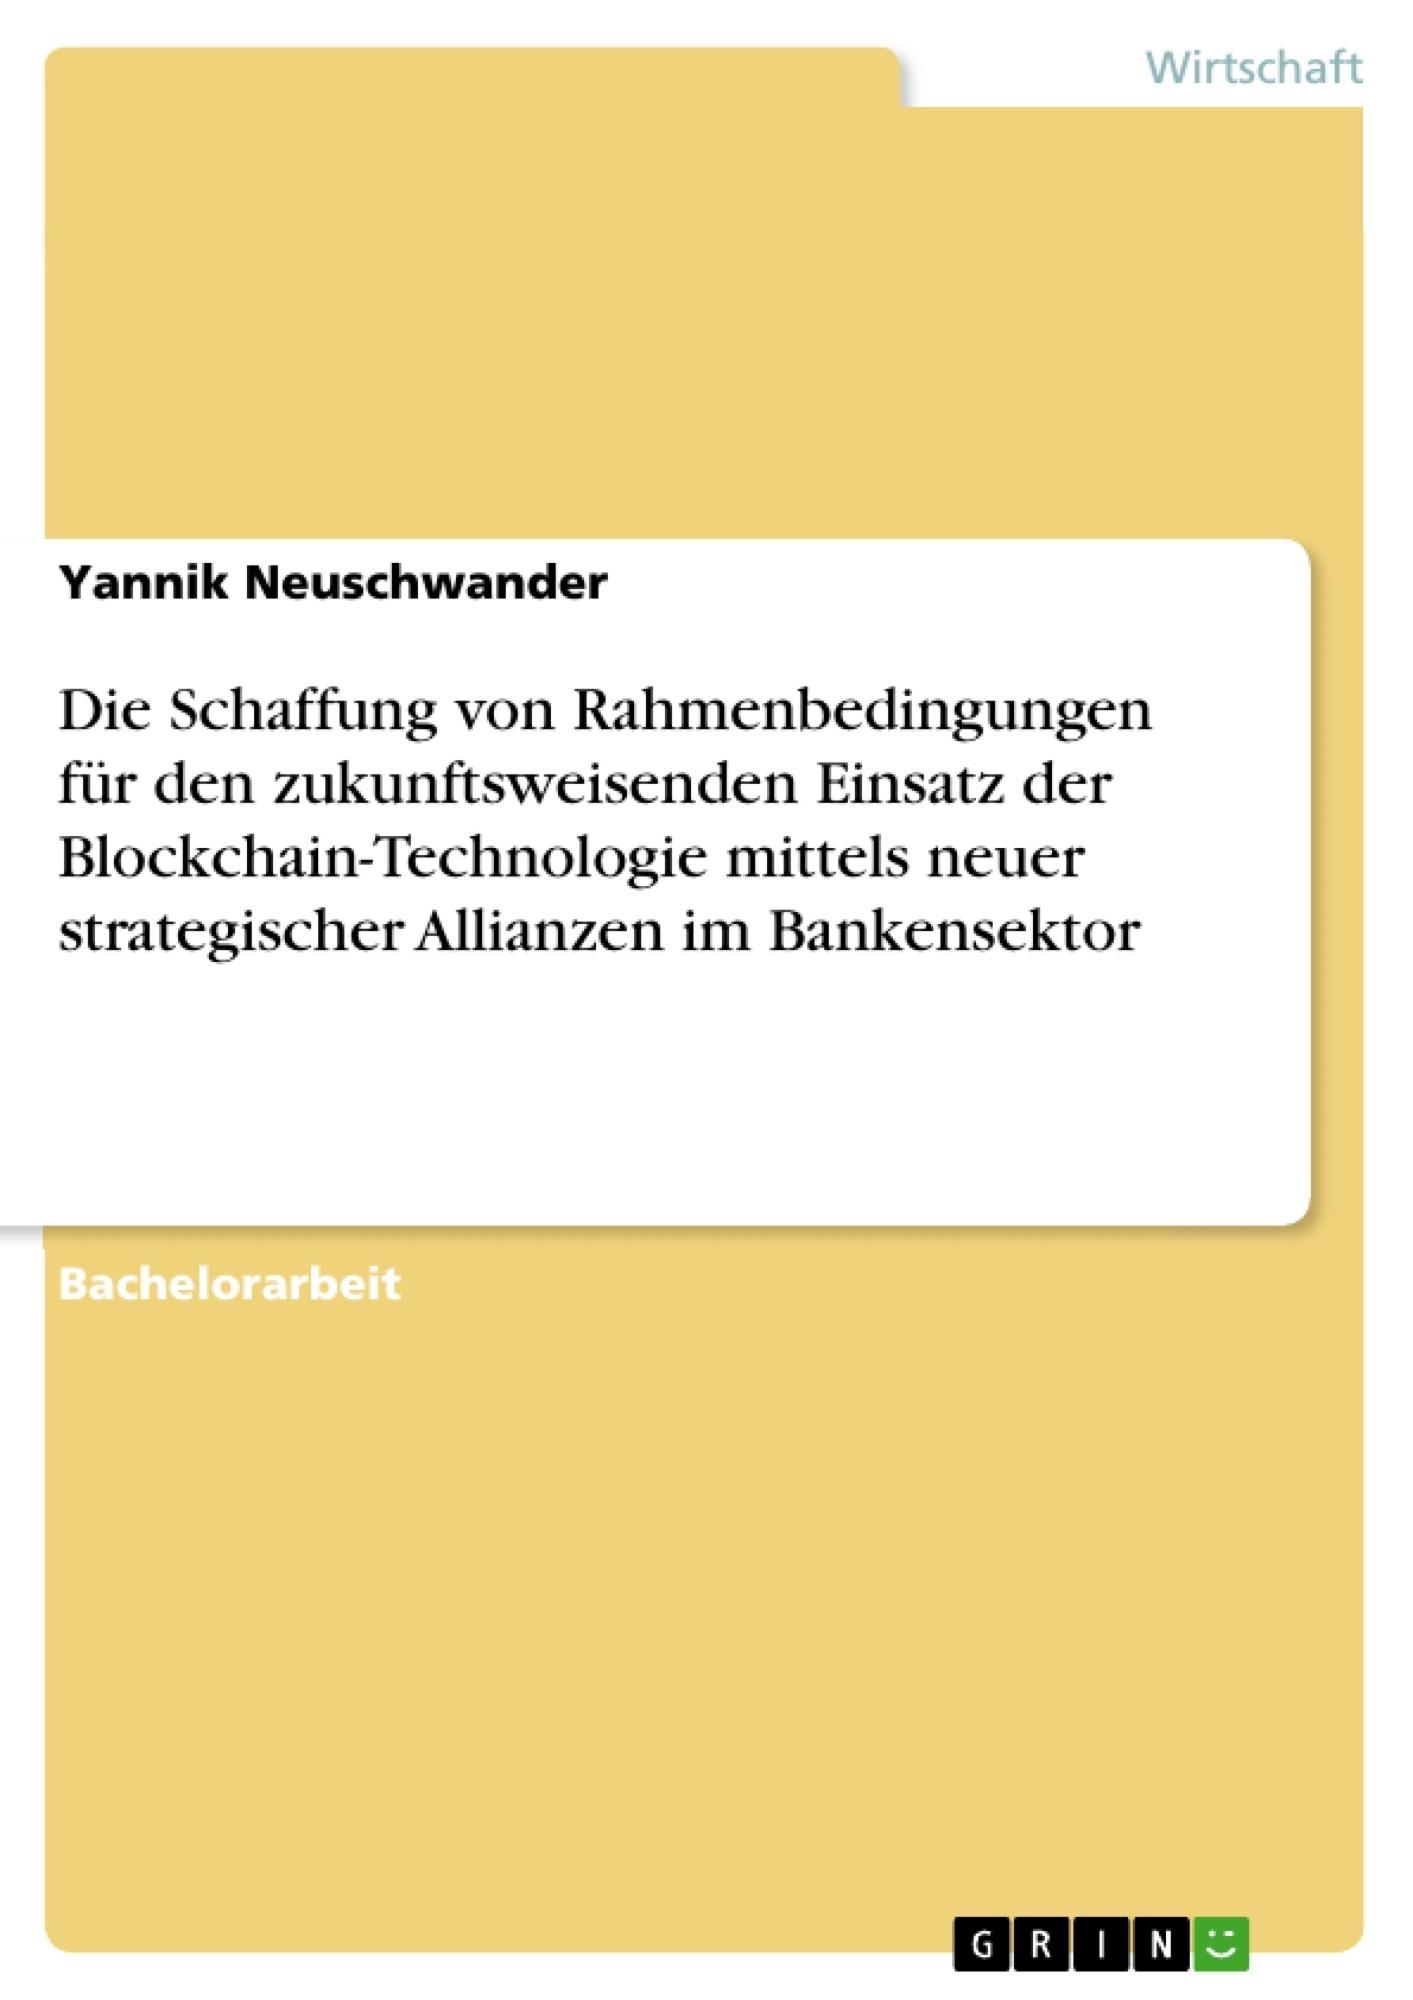 Titel: Die Schaffung von Rahmenbedingungen für den zukunftsweisenden Einsatz der Blockchain-Technologie mittels neuer strategischer Allianzen im Bankensektor